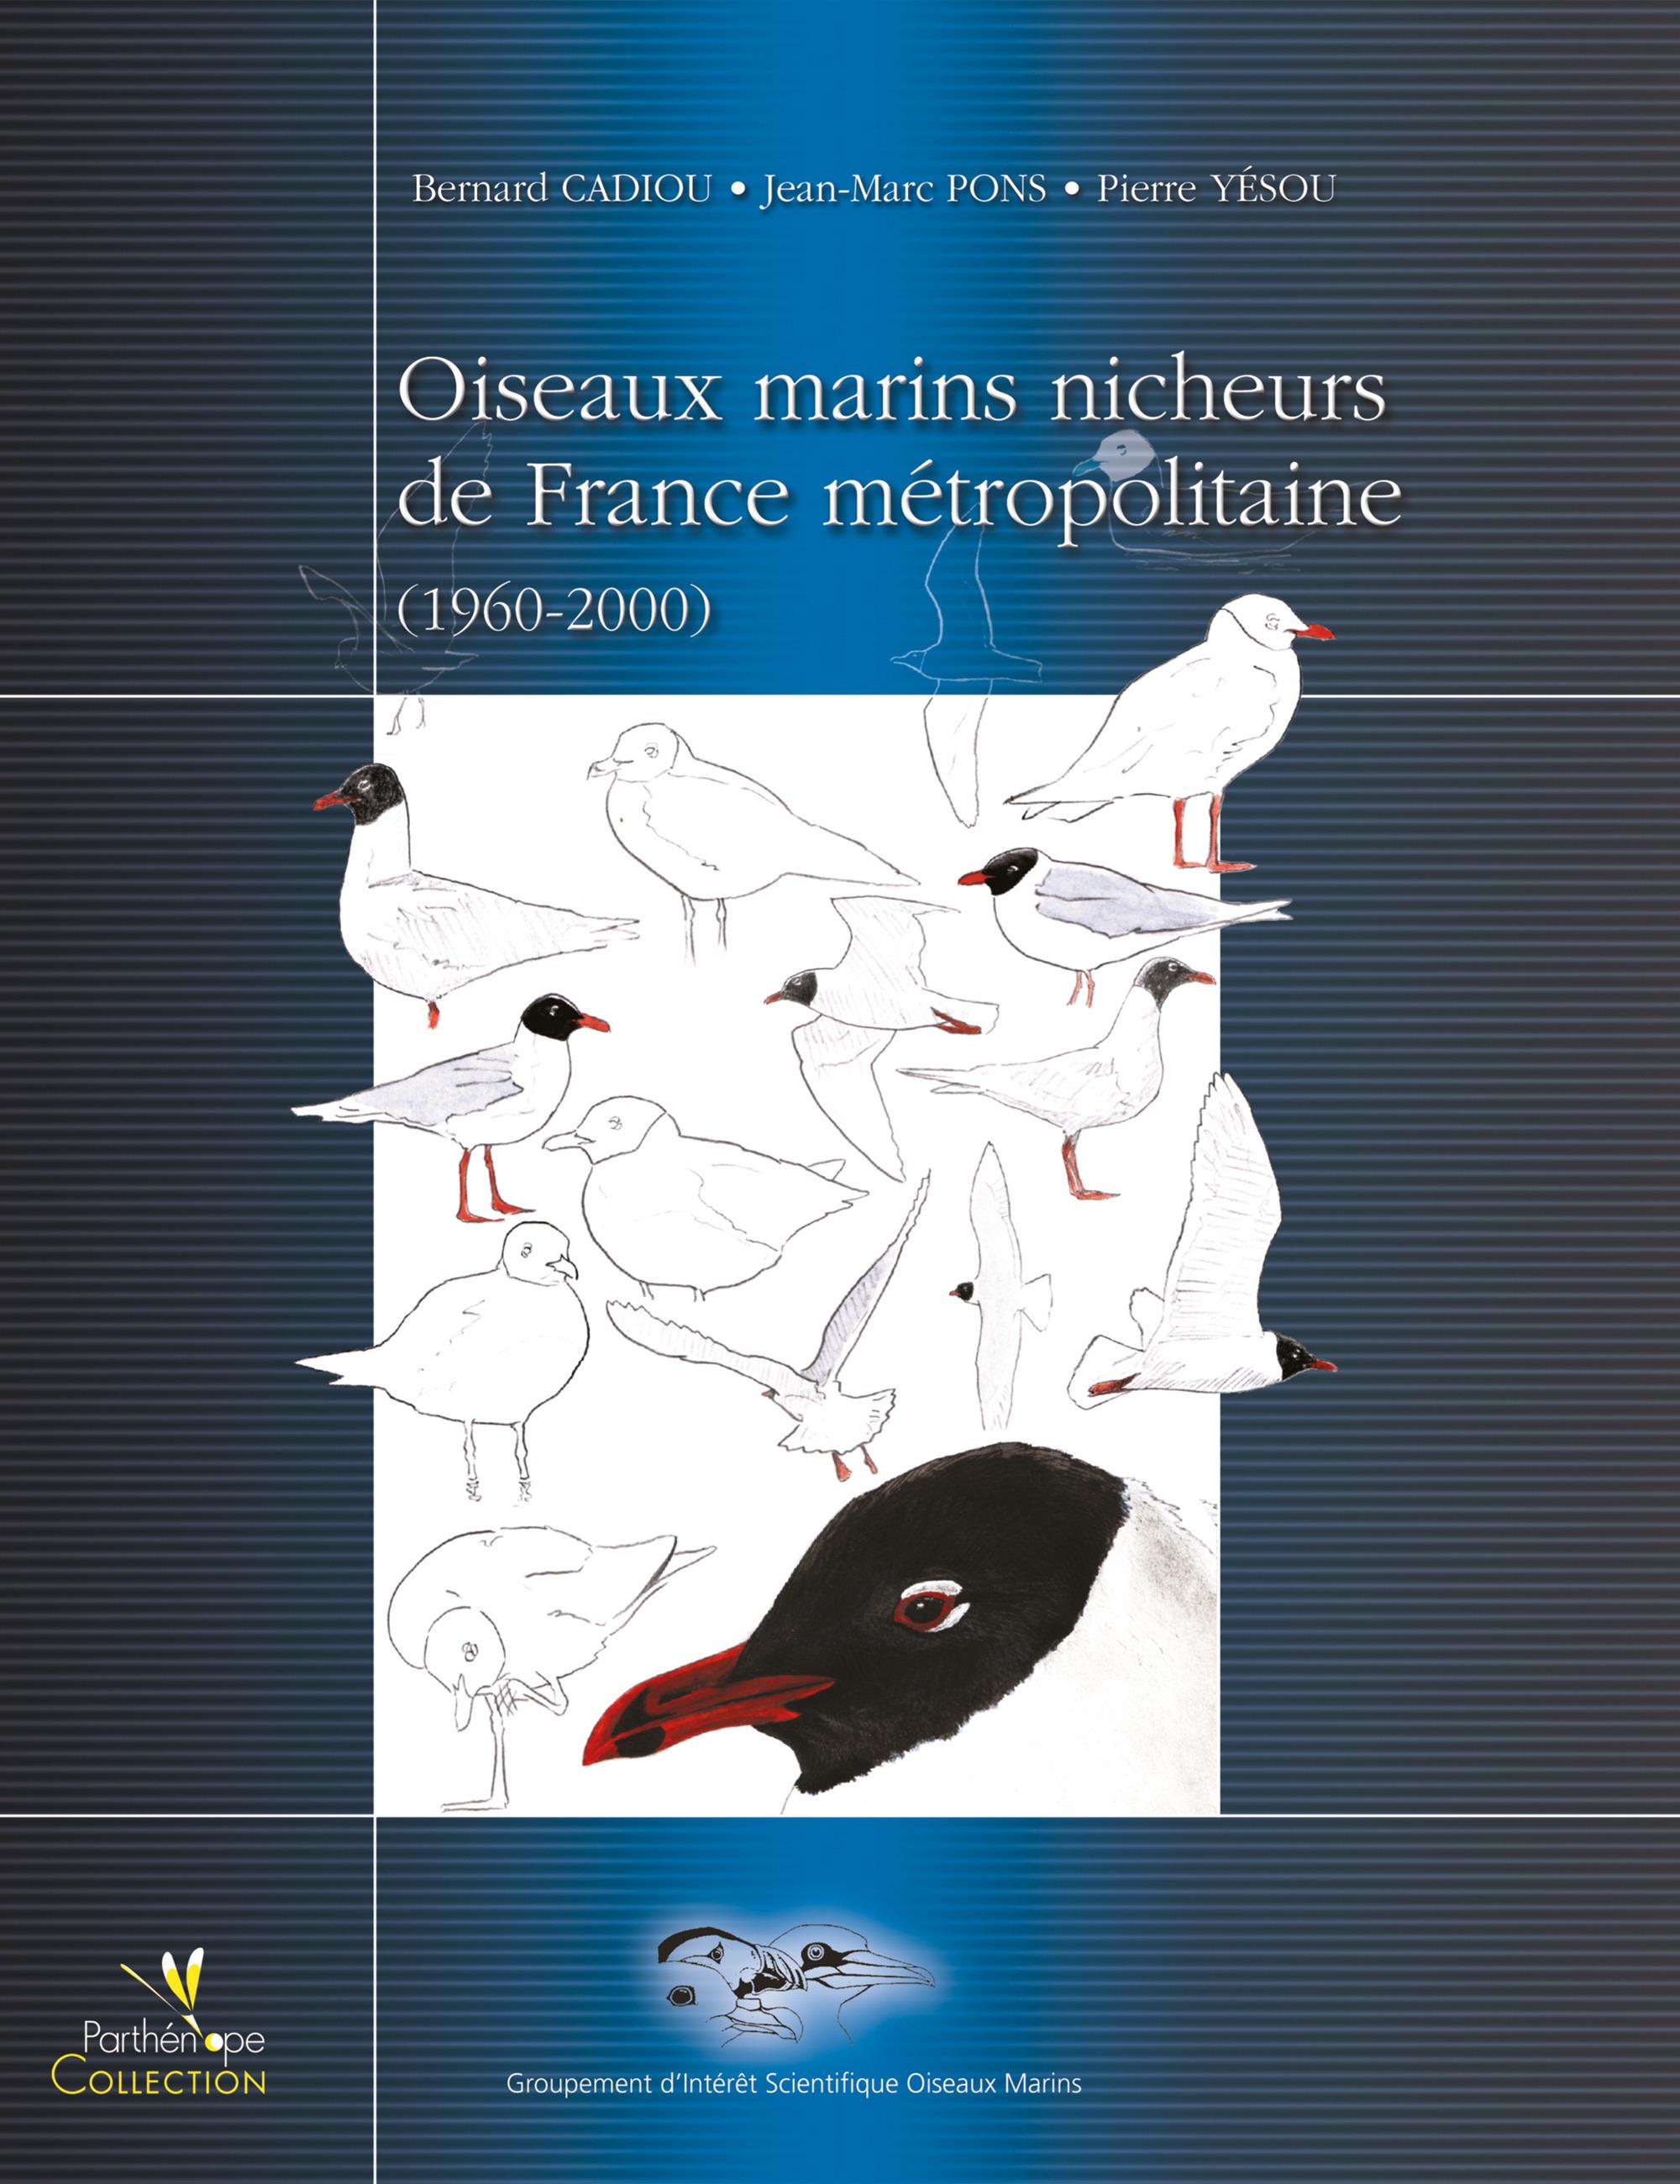 Bernard  Cadiou Oiseaux marins nicheurs de France métropolitaine 1960-2000